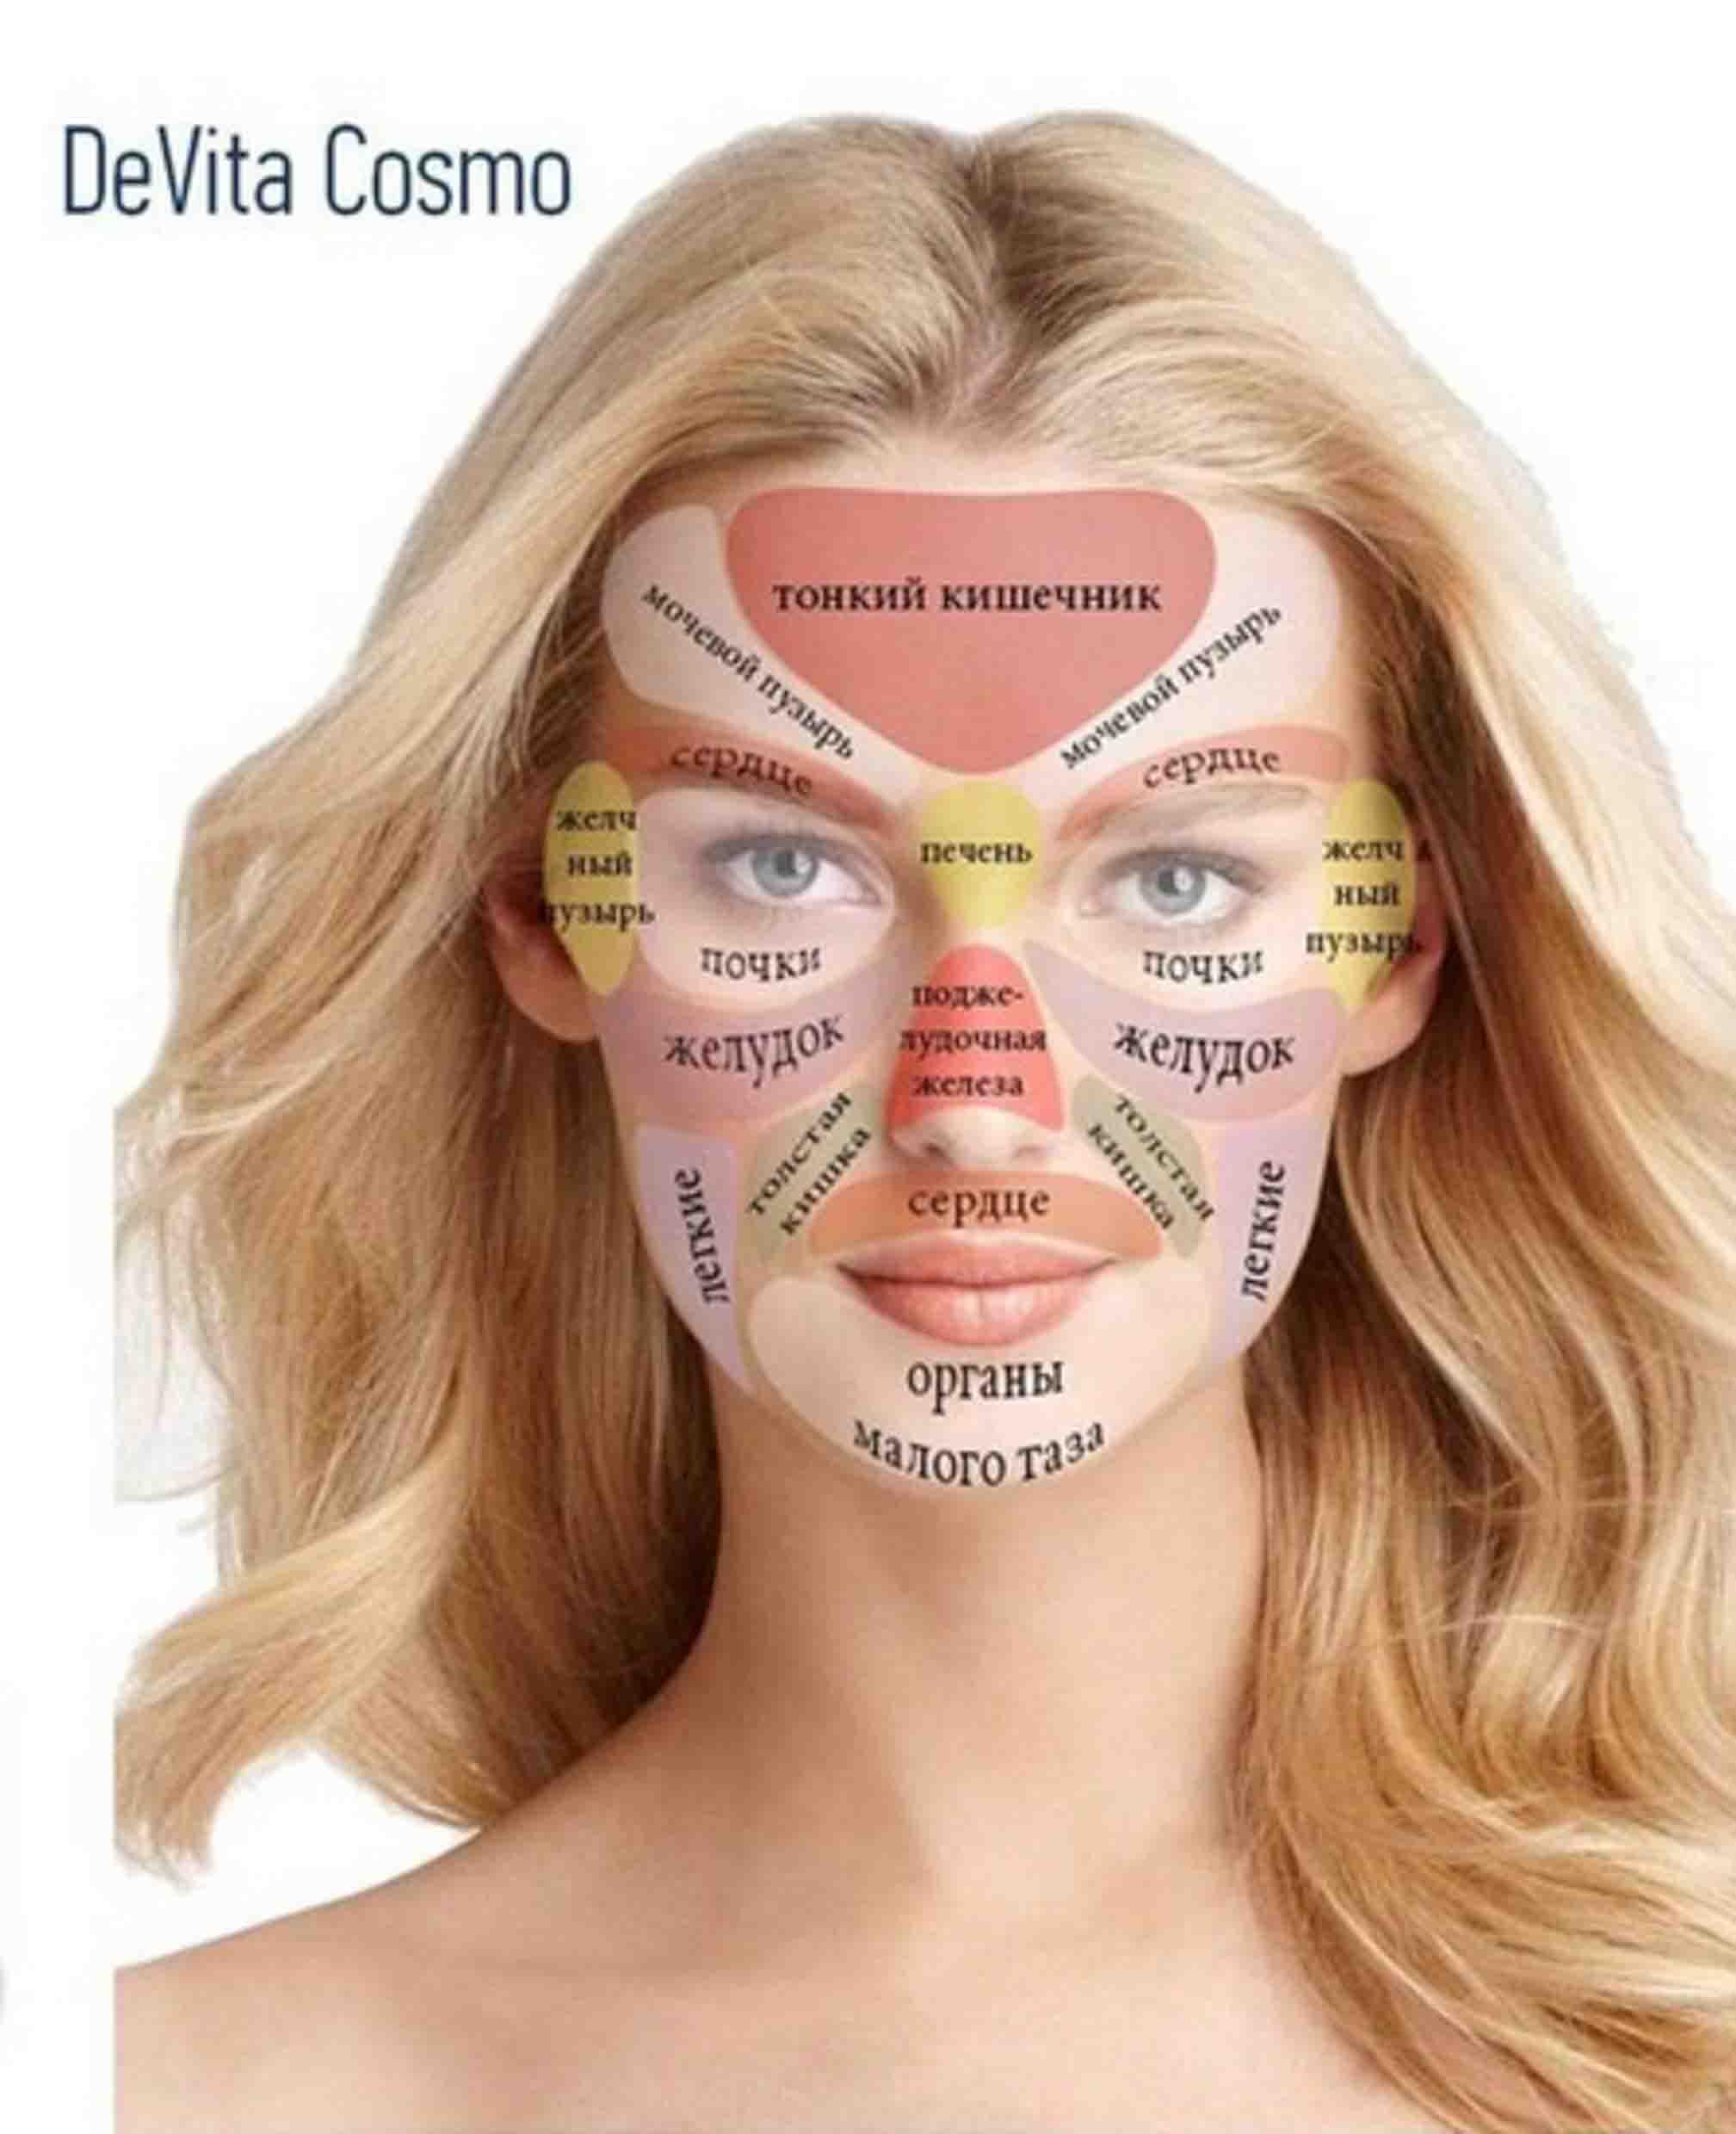 Прибор DeVita Cosmo - Ваше здоровье и красота. фото 6